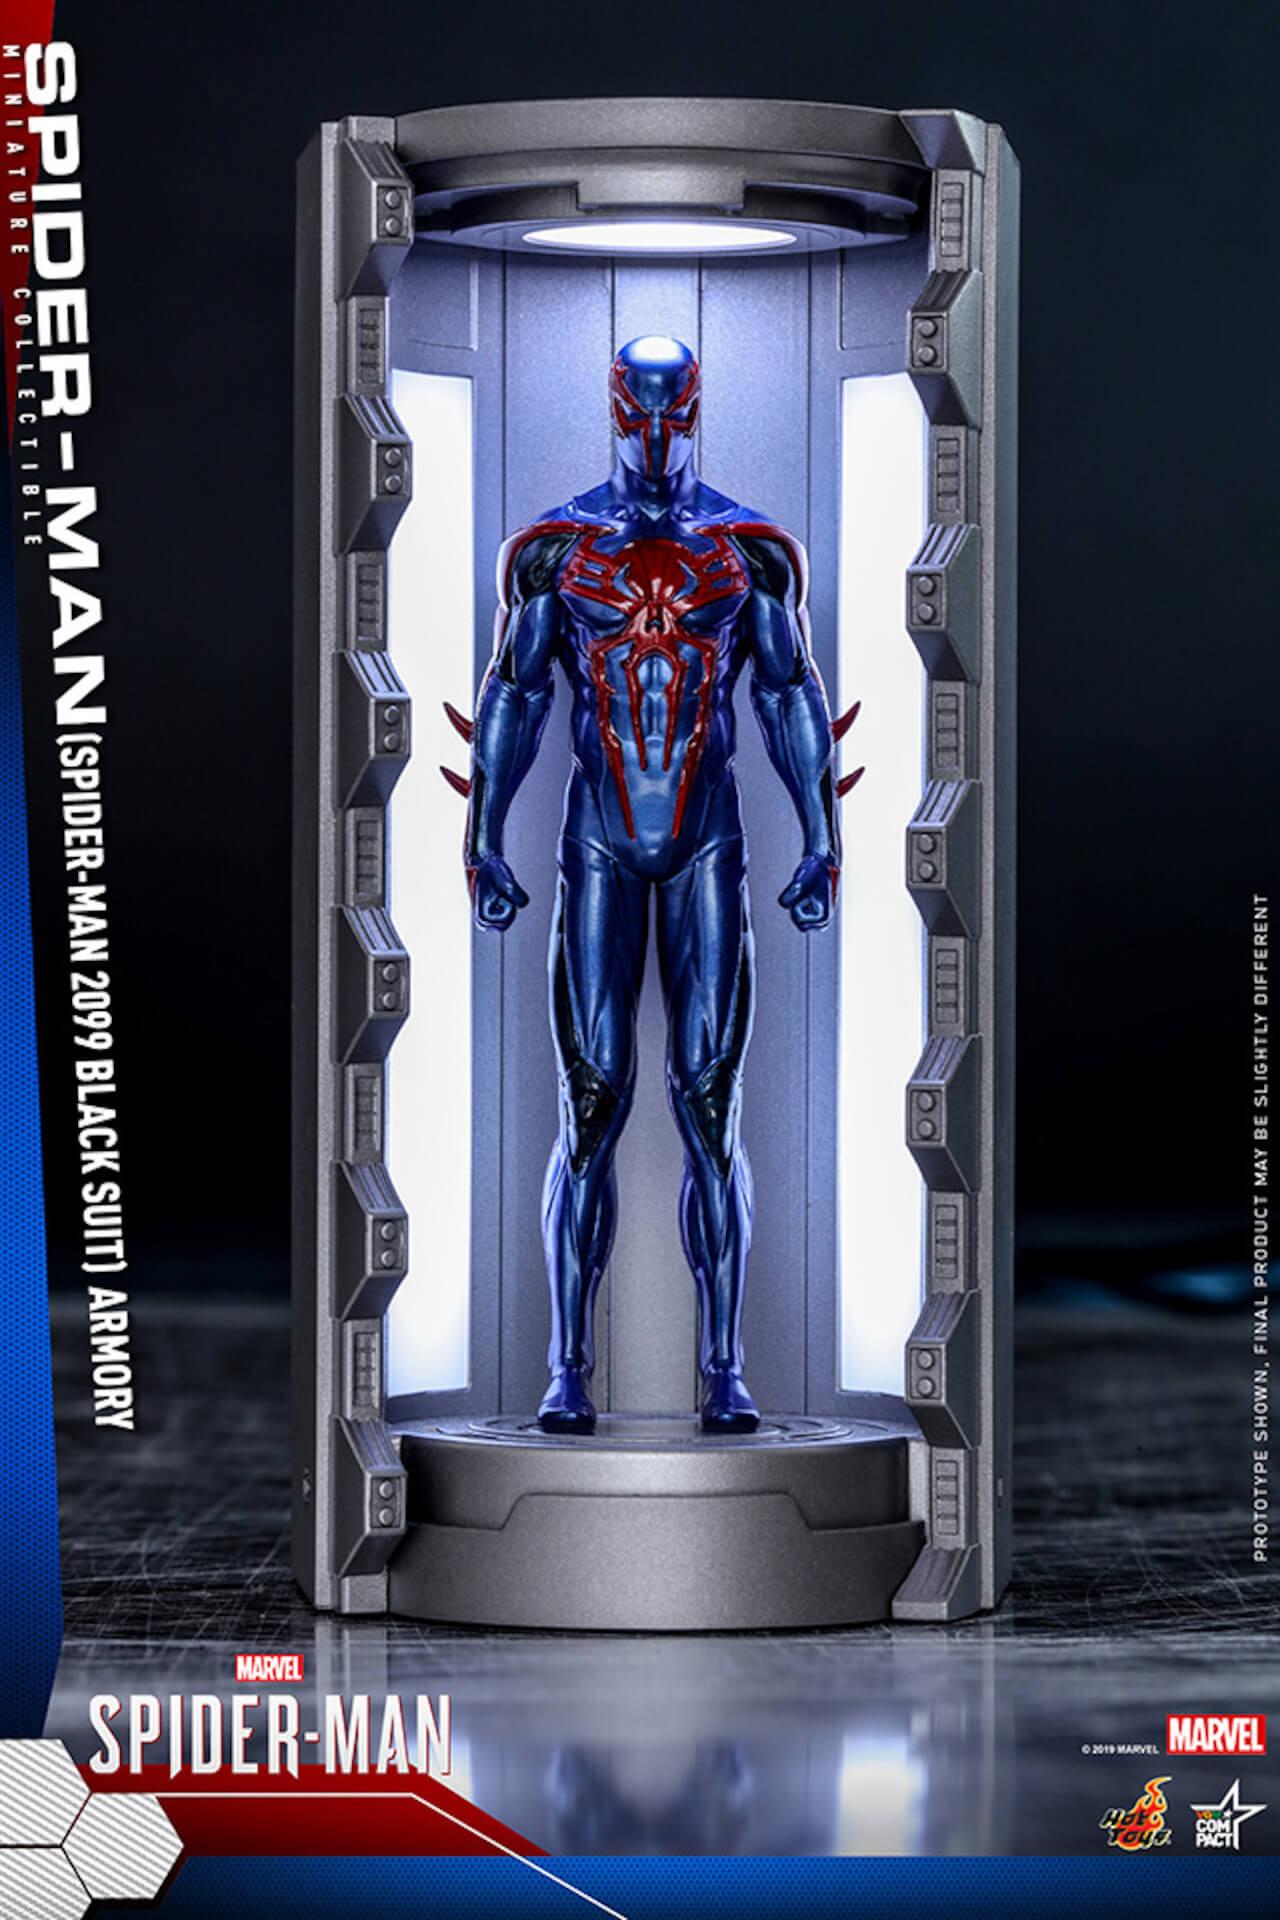 6つのスパイダーマン・スーツが勢ぞろい!大人気PS4用ゲームソフト『Marvel's Spider-Man』からミニチュア・フィギュアが登場 art200124_spiderman_hottoys_1